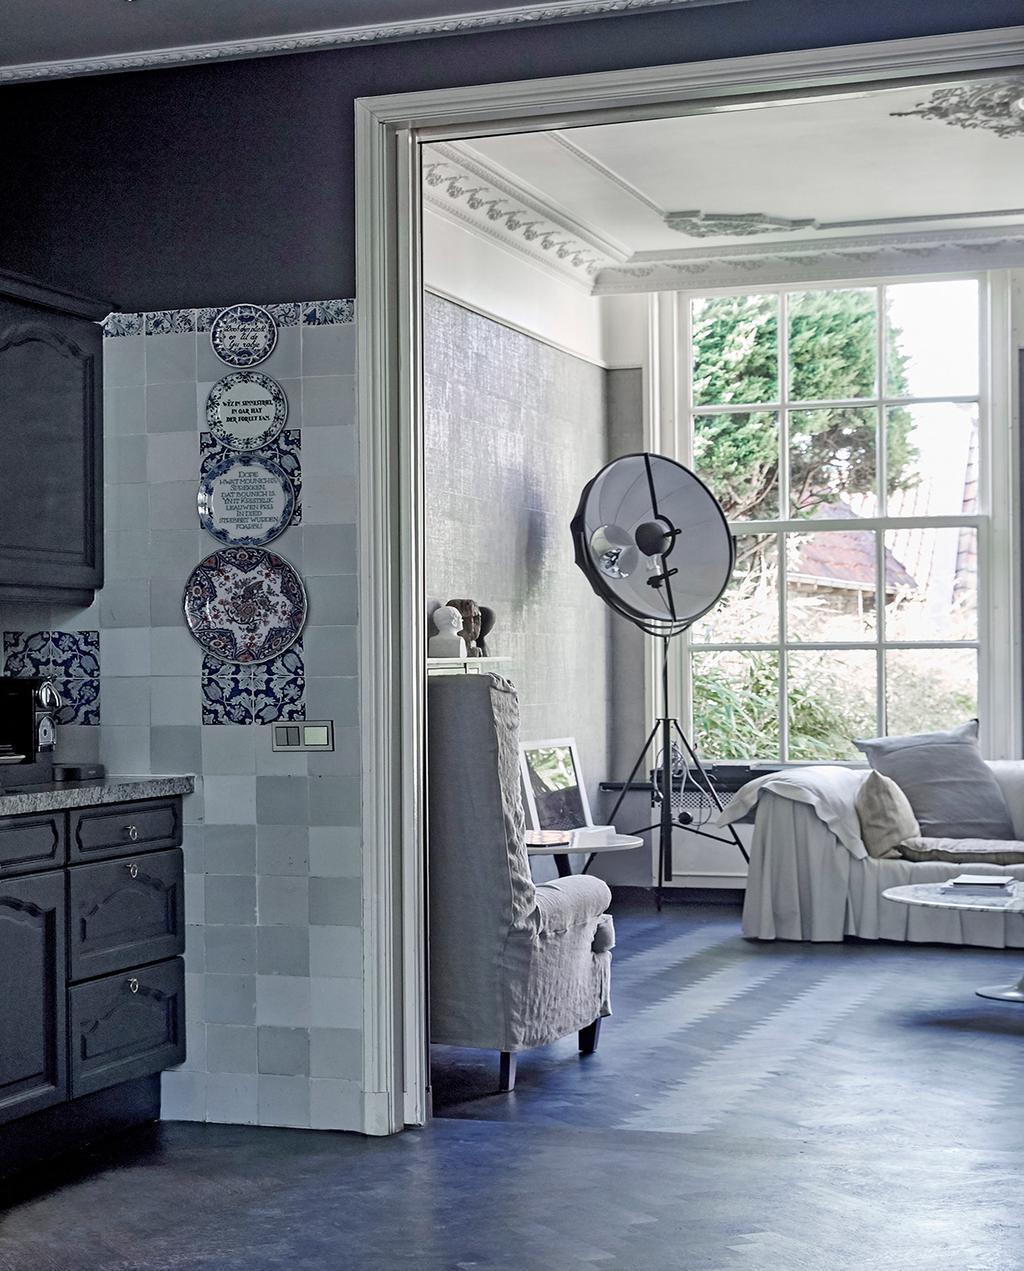 vtwonen 02-2021 | keuken met zwart wit interieur, bijzondere lamp en tegels